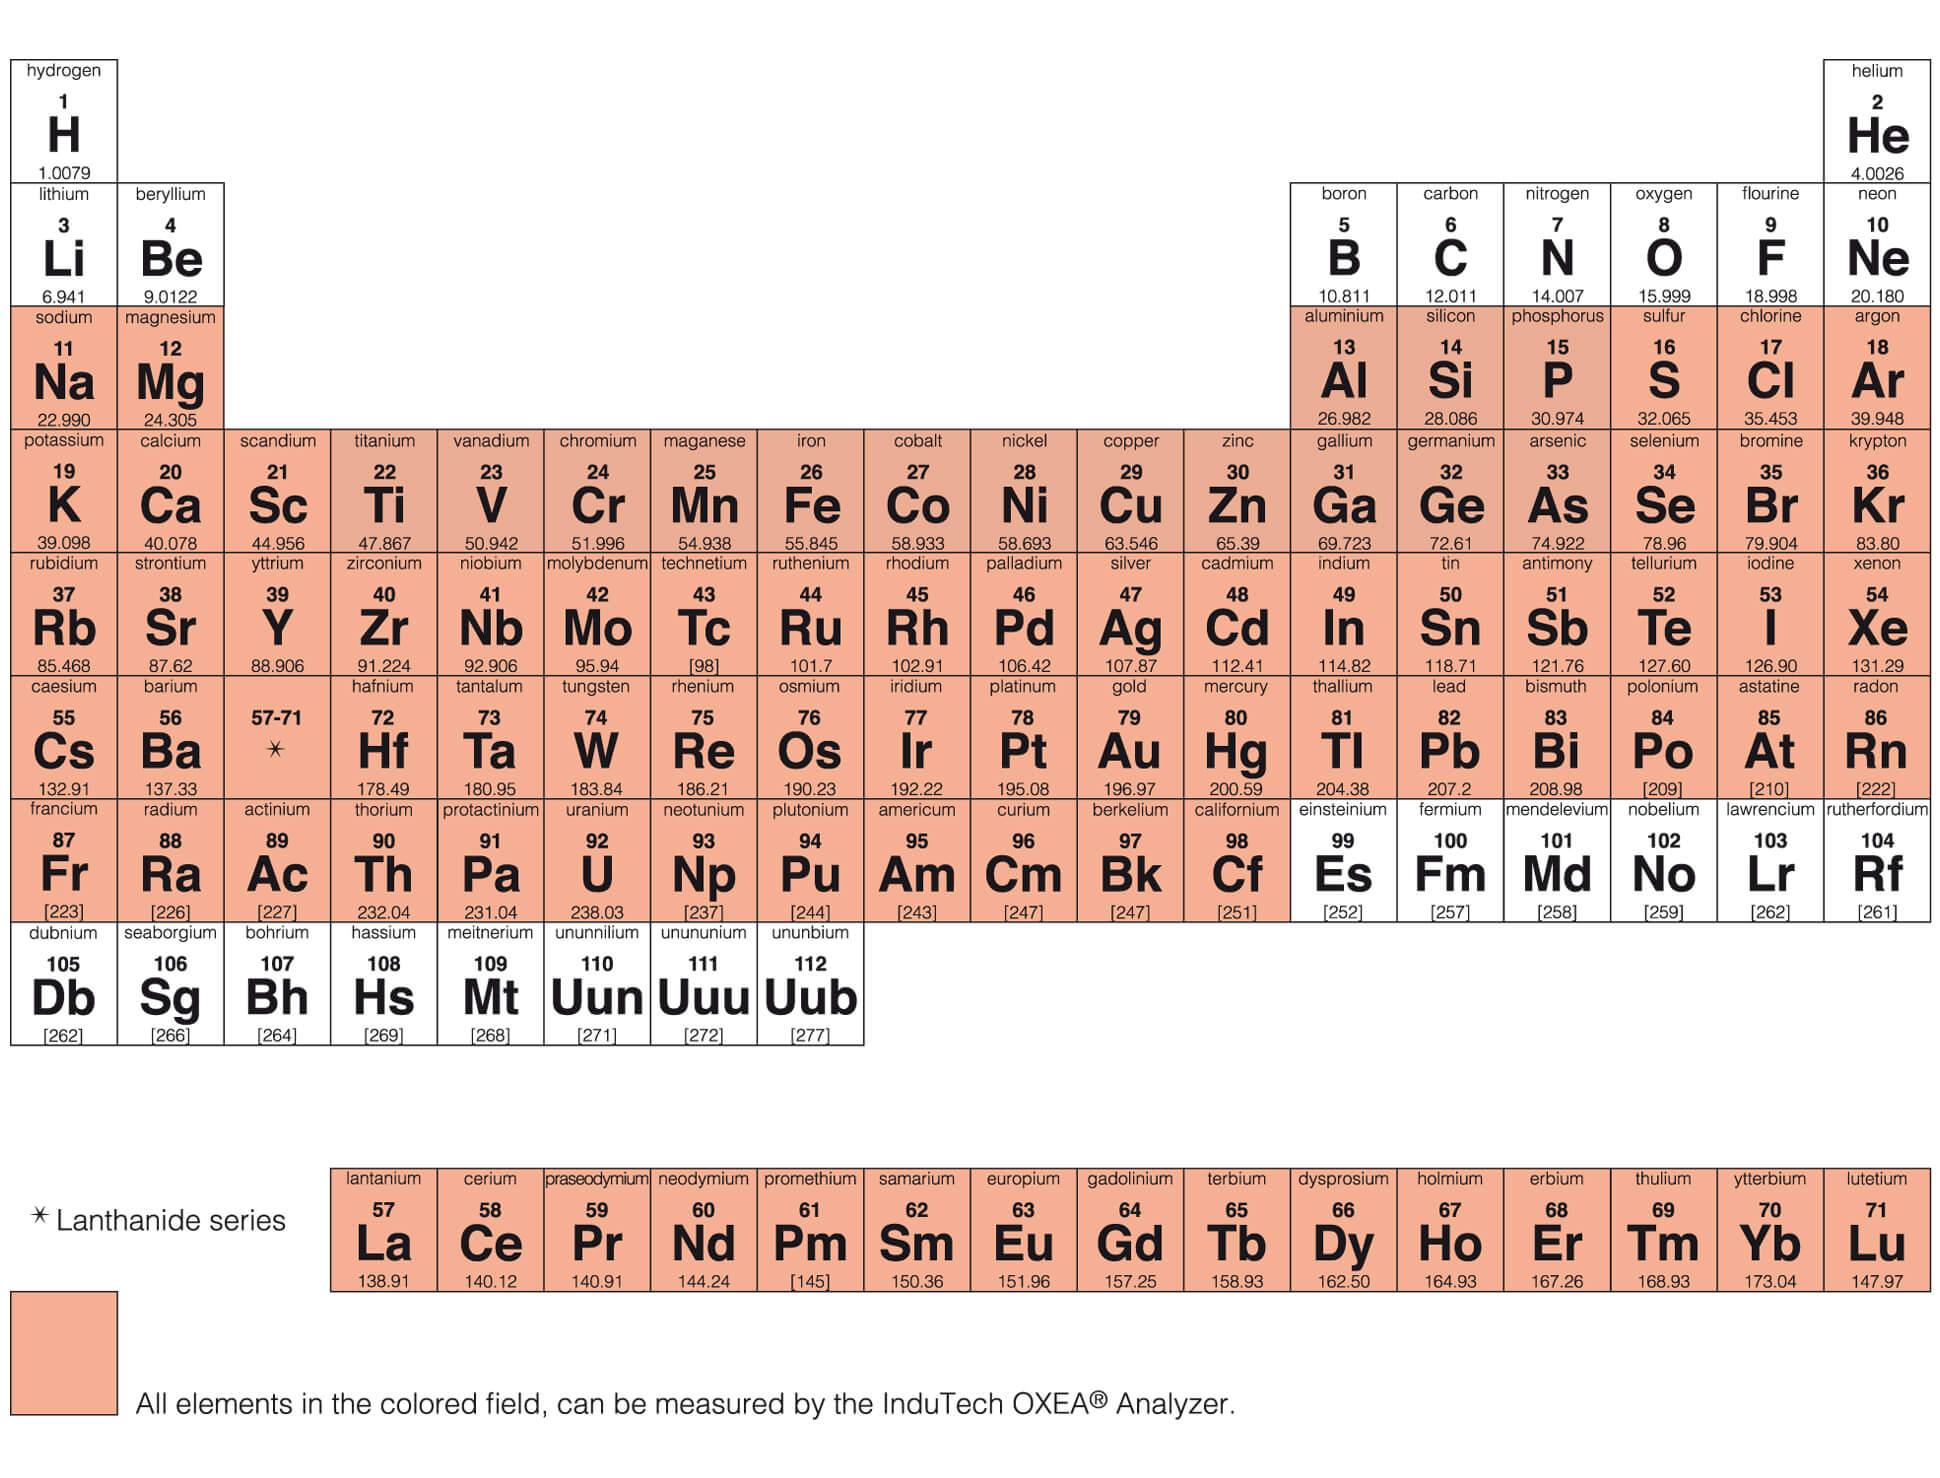 Periodensystem OXEA® - Alle Elemente im farbigen Feld können mit dem OXEA® Elementaranalysator gemessen werden | Indutech instruments GmbH